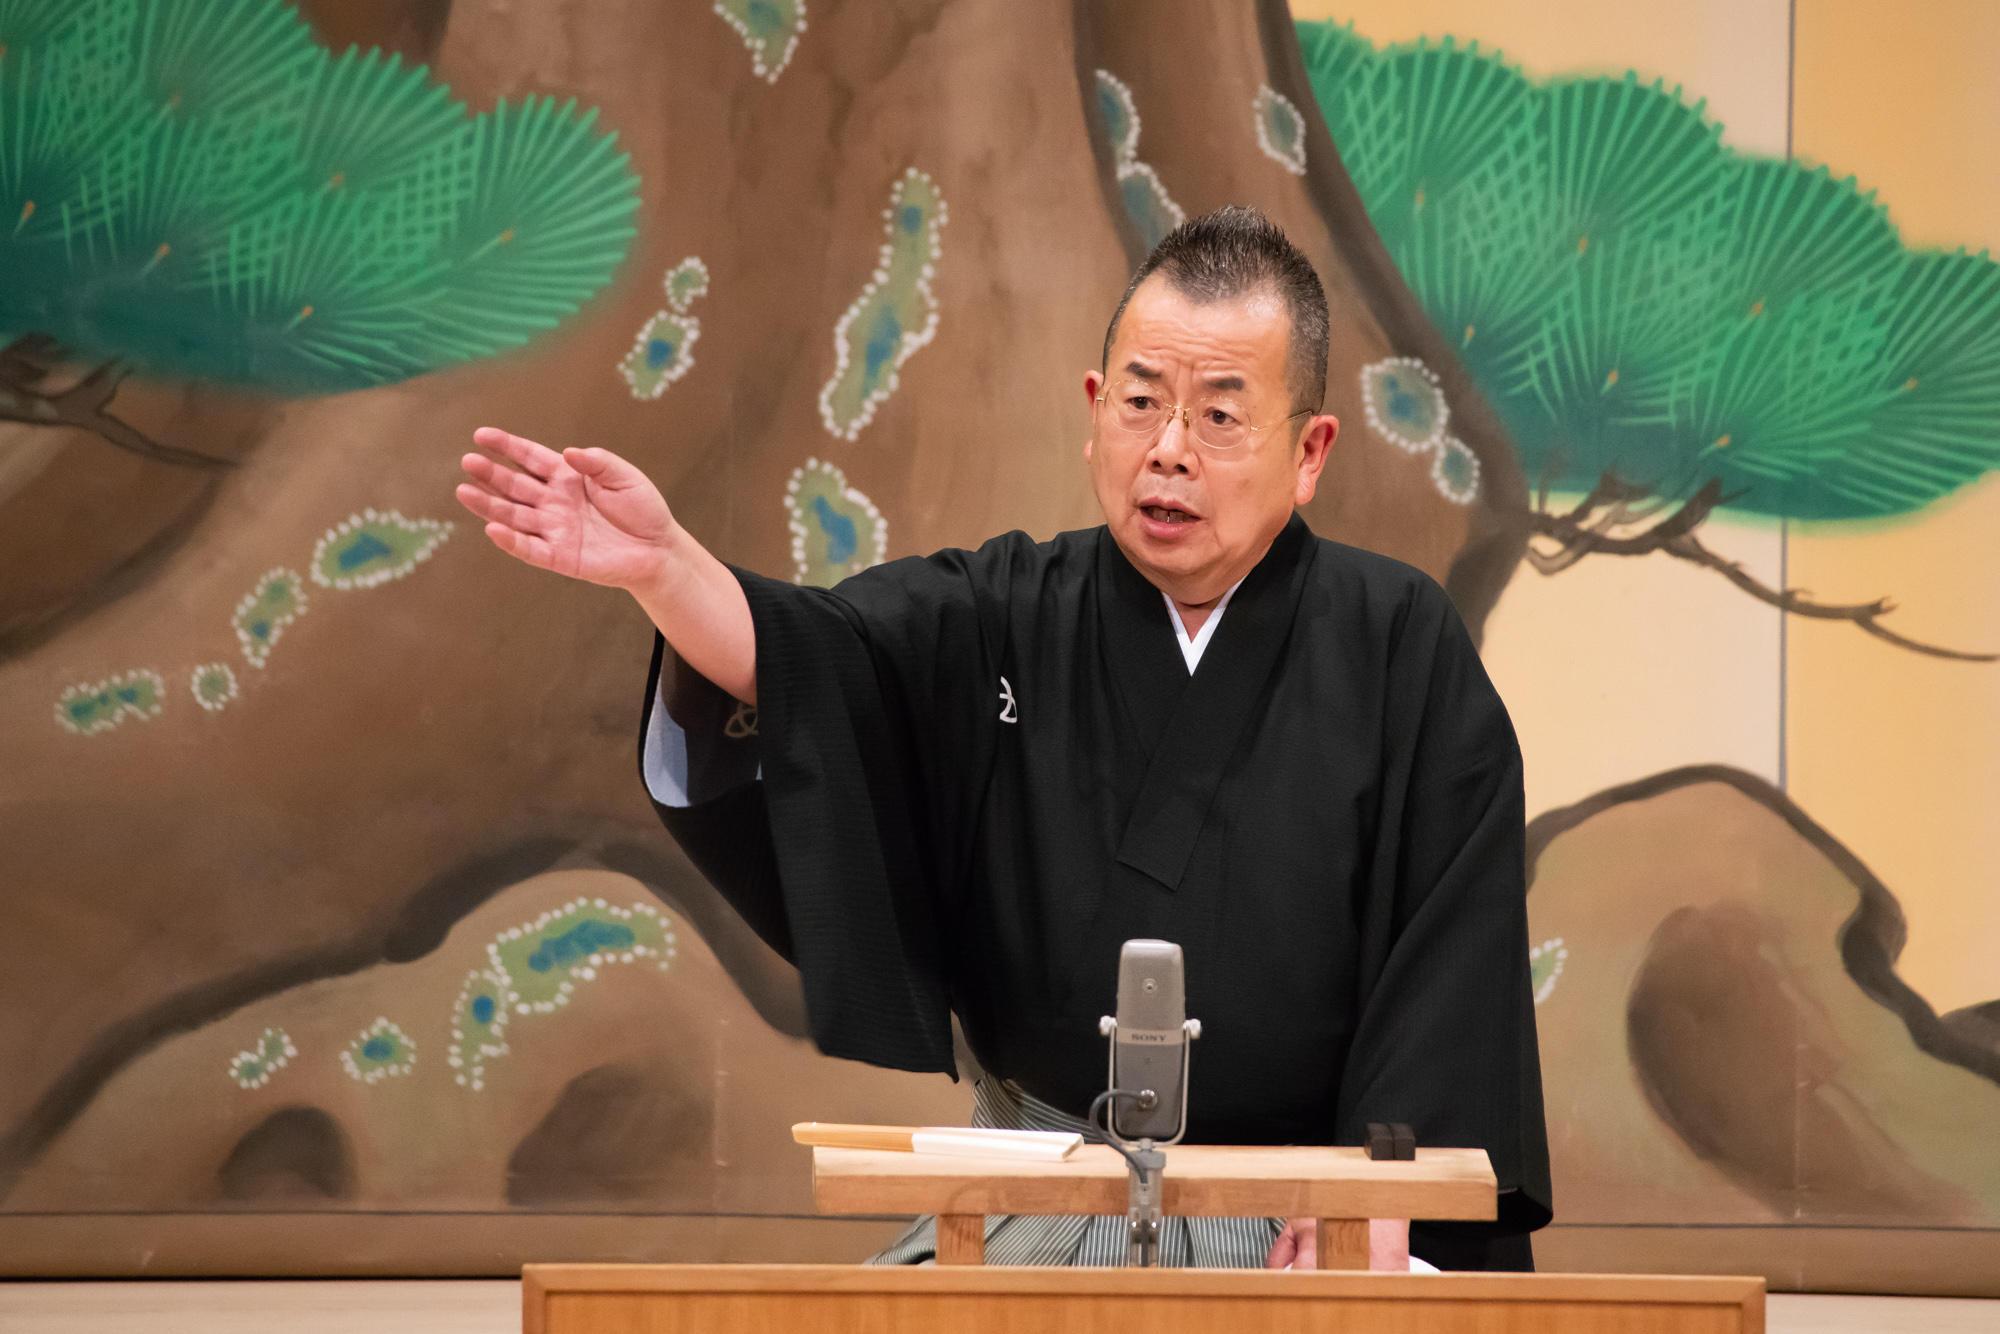 http://news.yoshimoto.co.jp/20180809182911-ed44e84816ca2043c9599d4240d2f844c309e92d.jpg